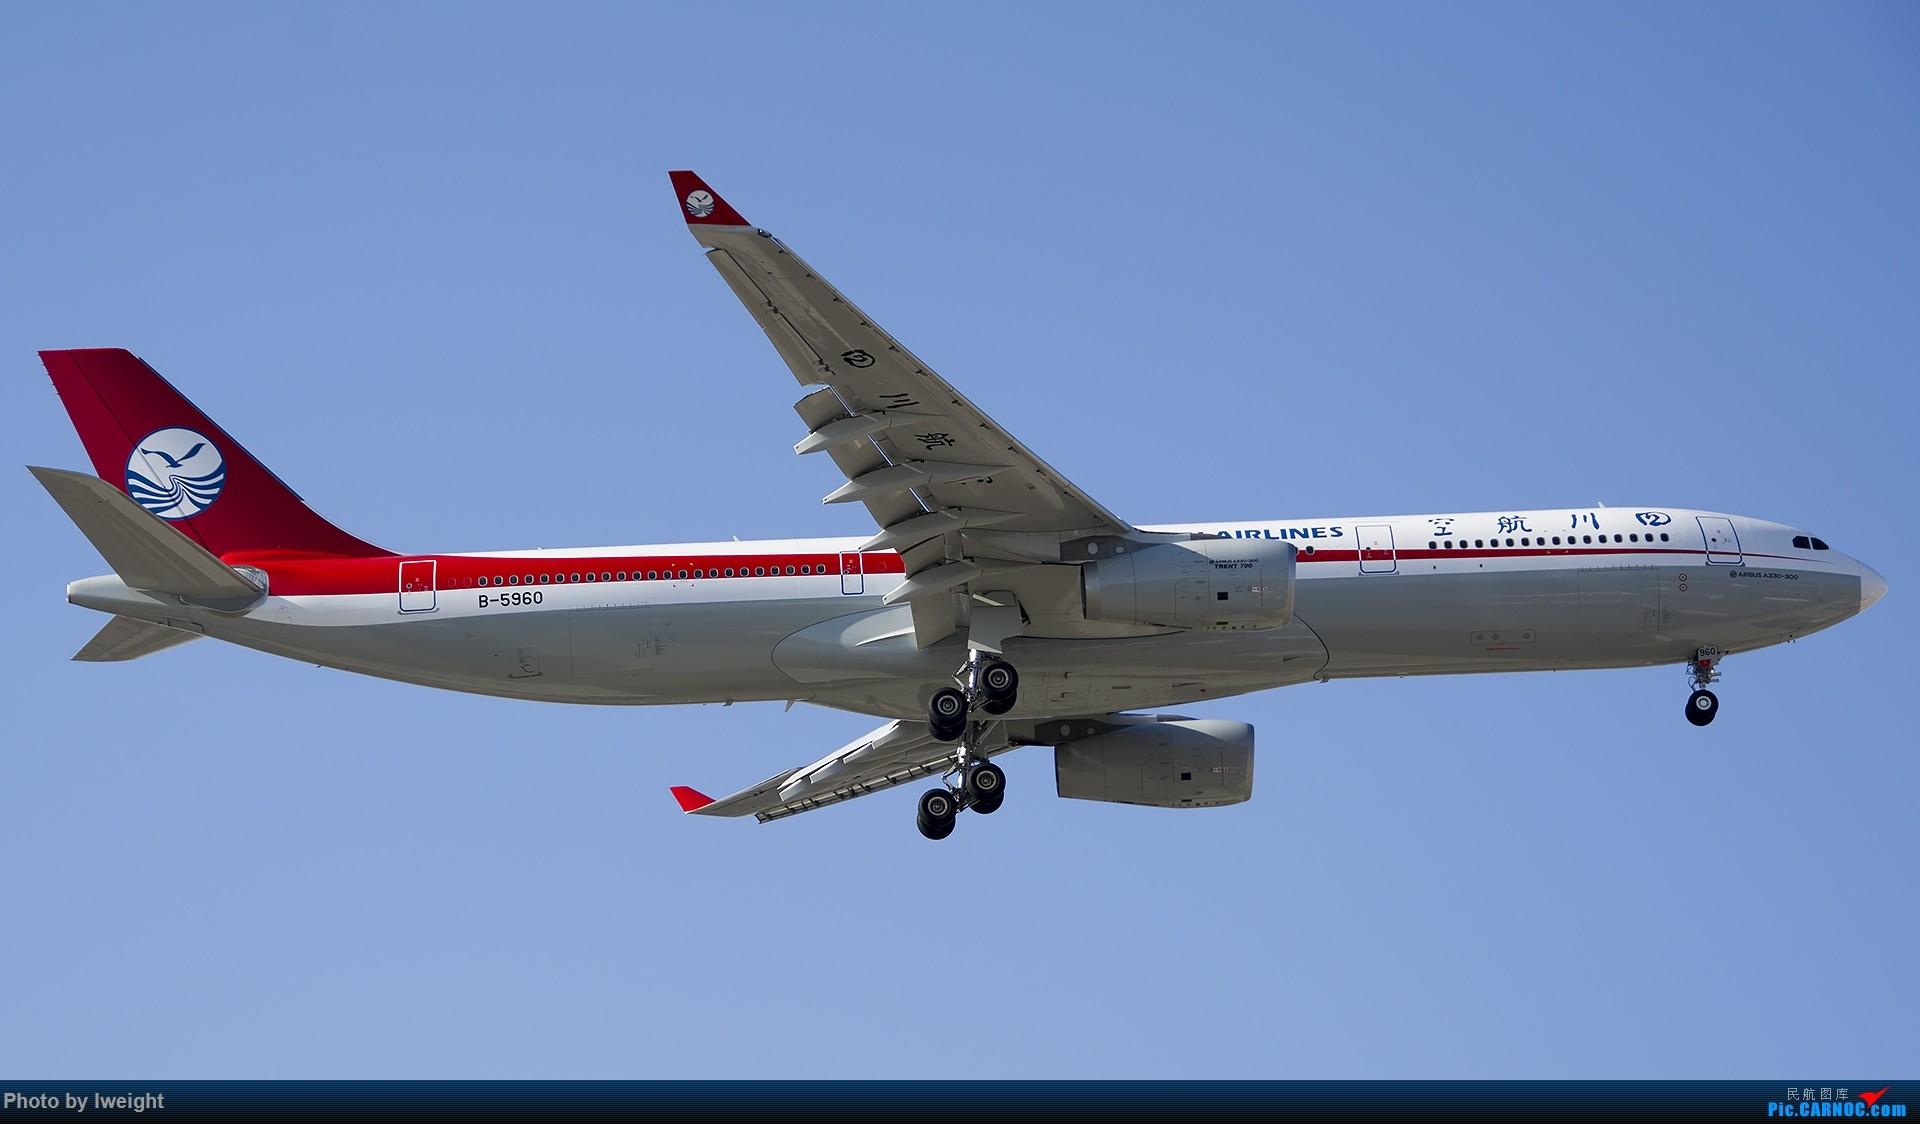 Re:[原创]2014-12-06 PEK天气由好变坏的直接体验 AIRBUS A330-300 B-5960 中国北京首都国际机场